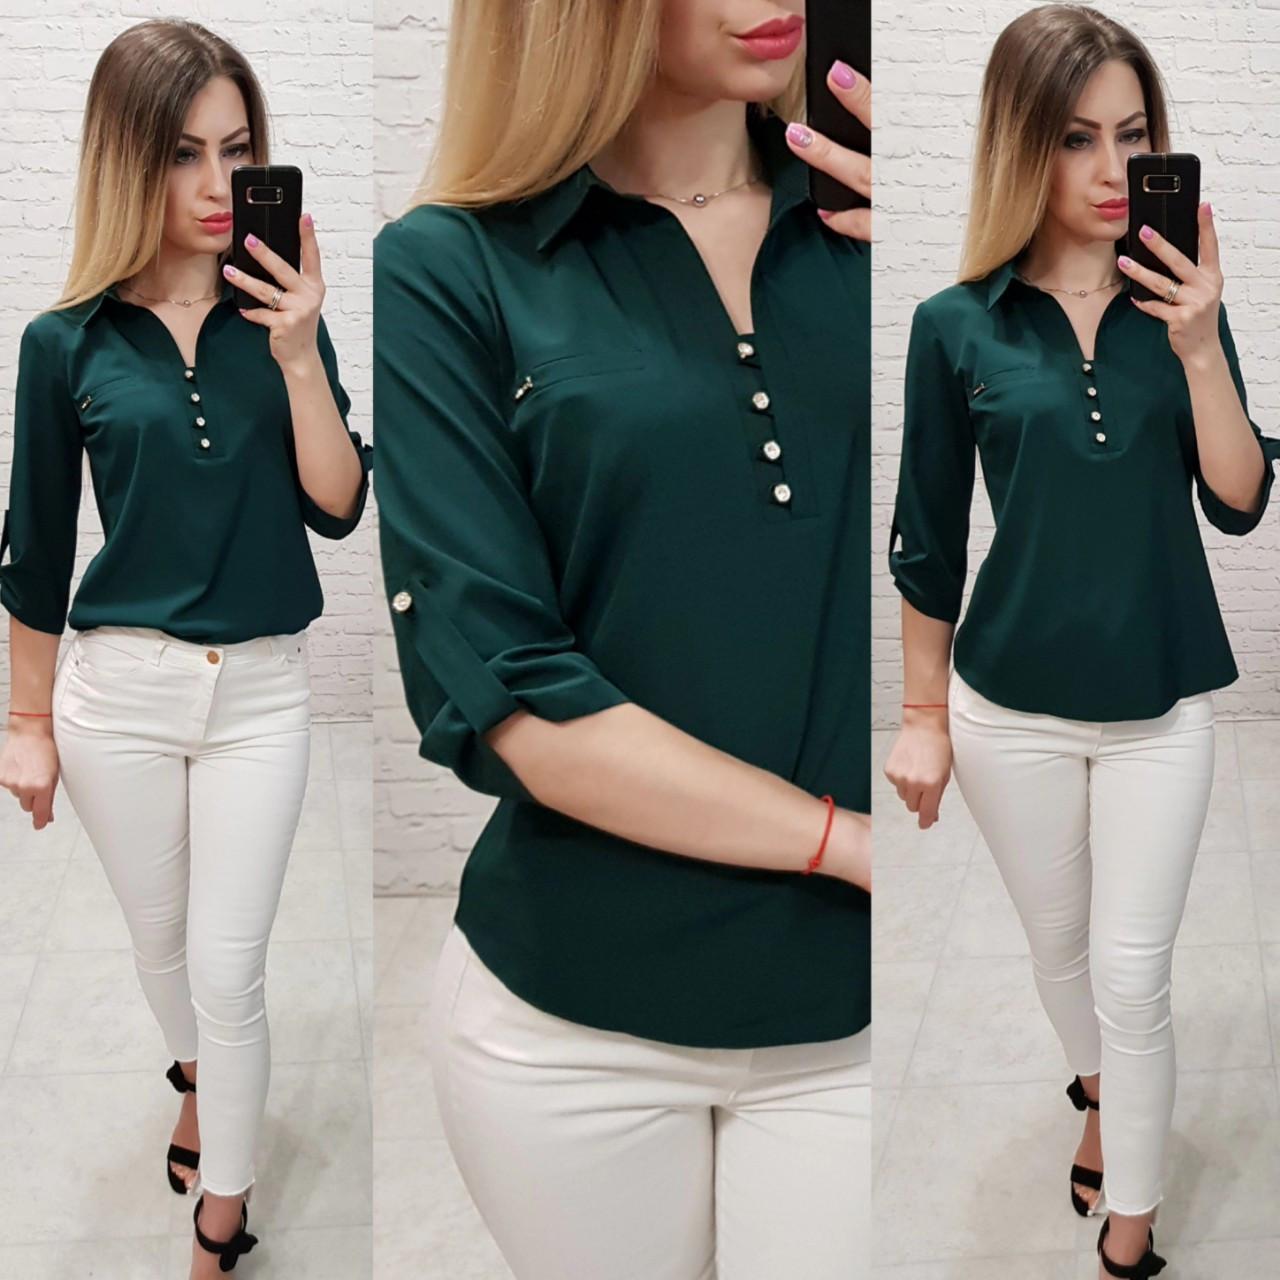 Сорочка / блуза / блузка арт. 828 темно зеленого / зелений